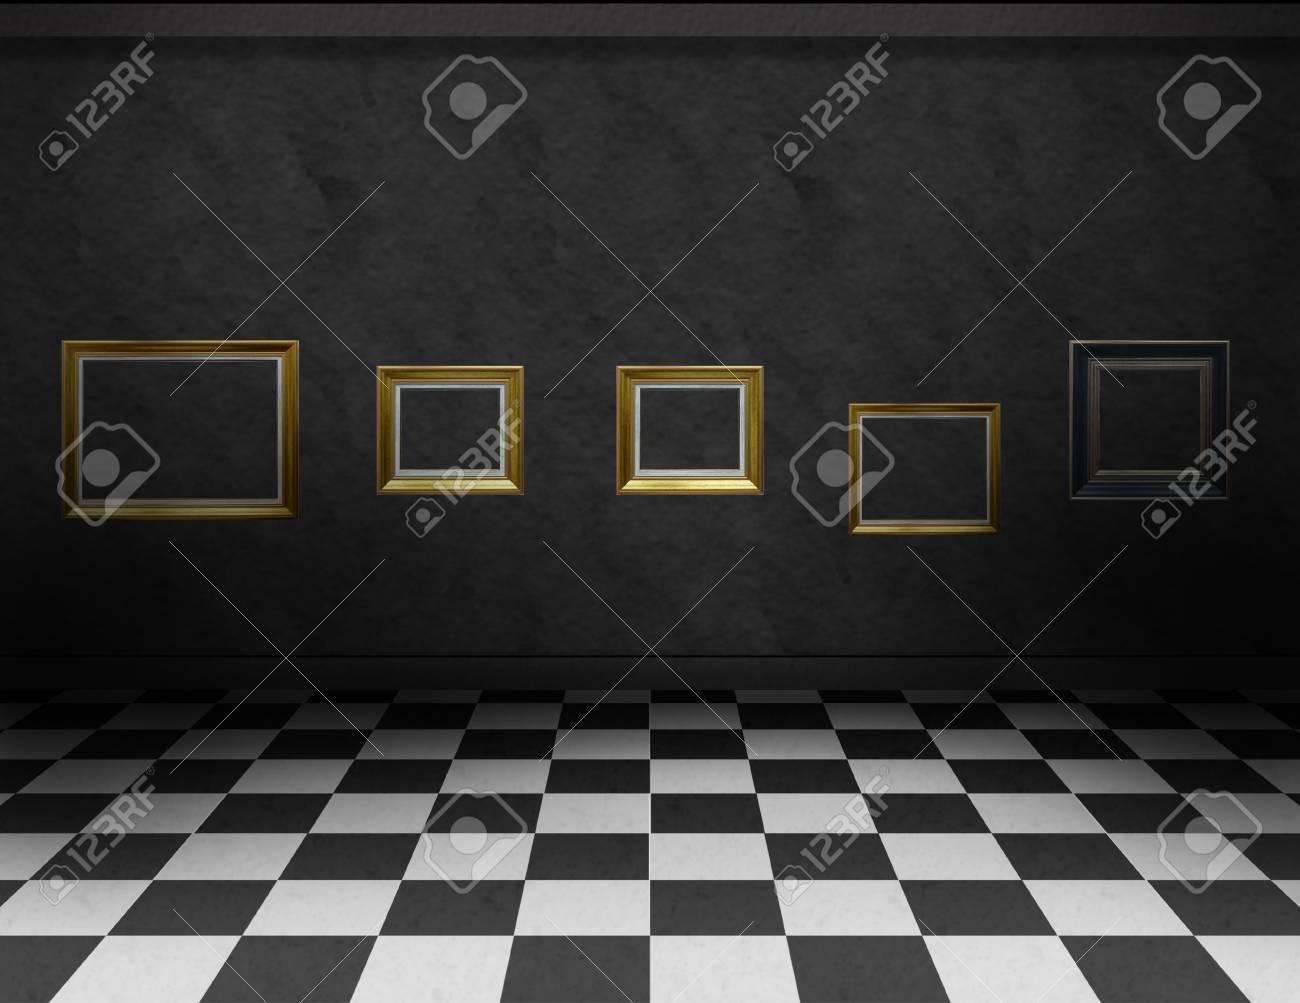 vide, galerie pièce sombre avec correcteur noir et blanc sur le